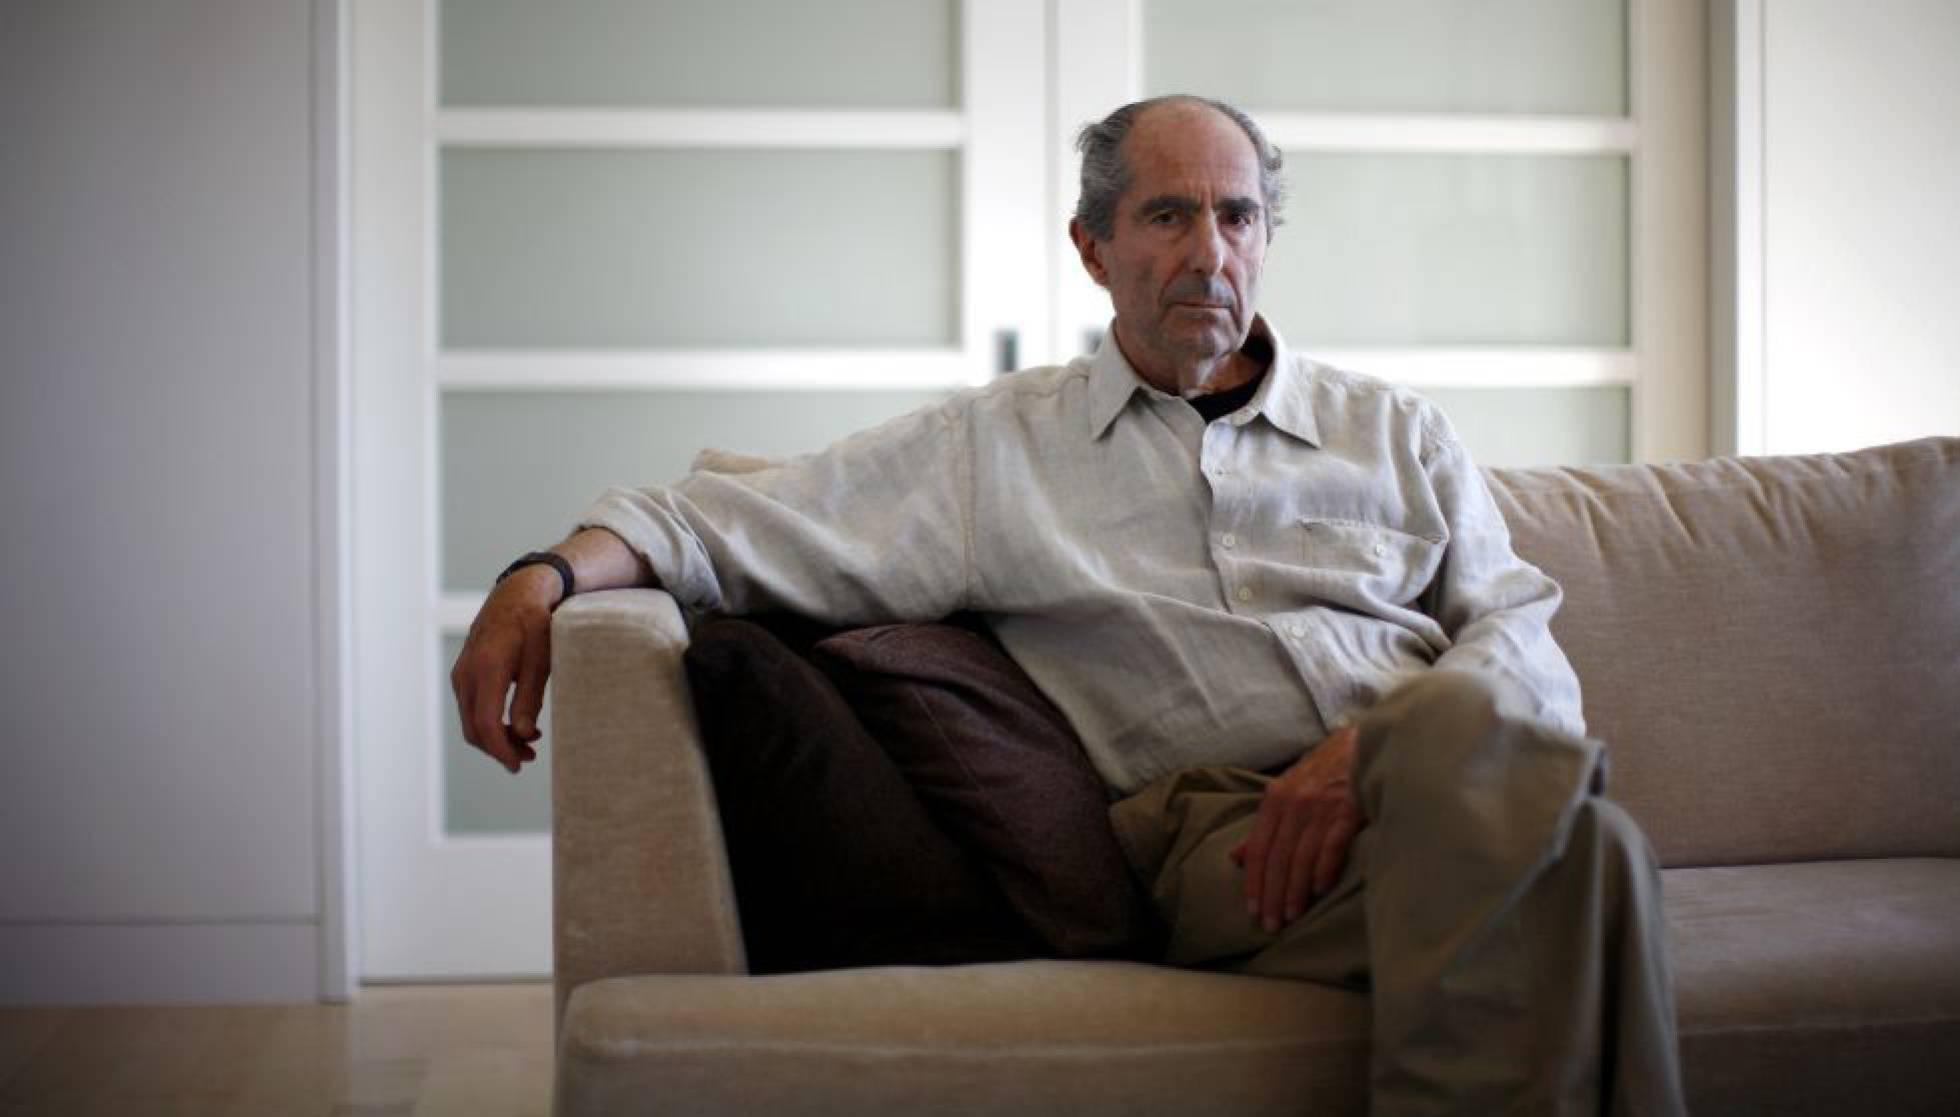 Morre Philip Roth, gigante literário norte-americano, aos 85 anos